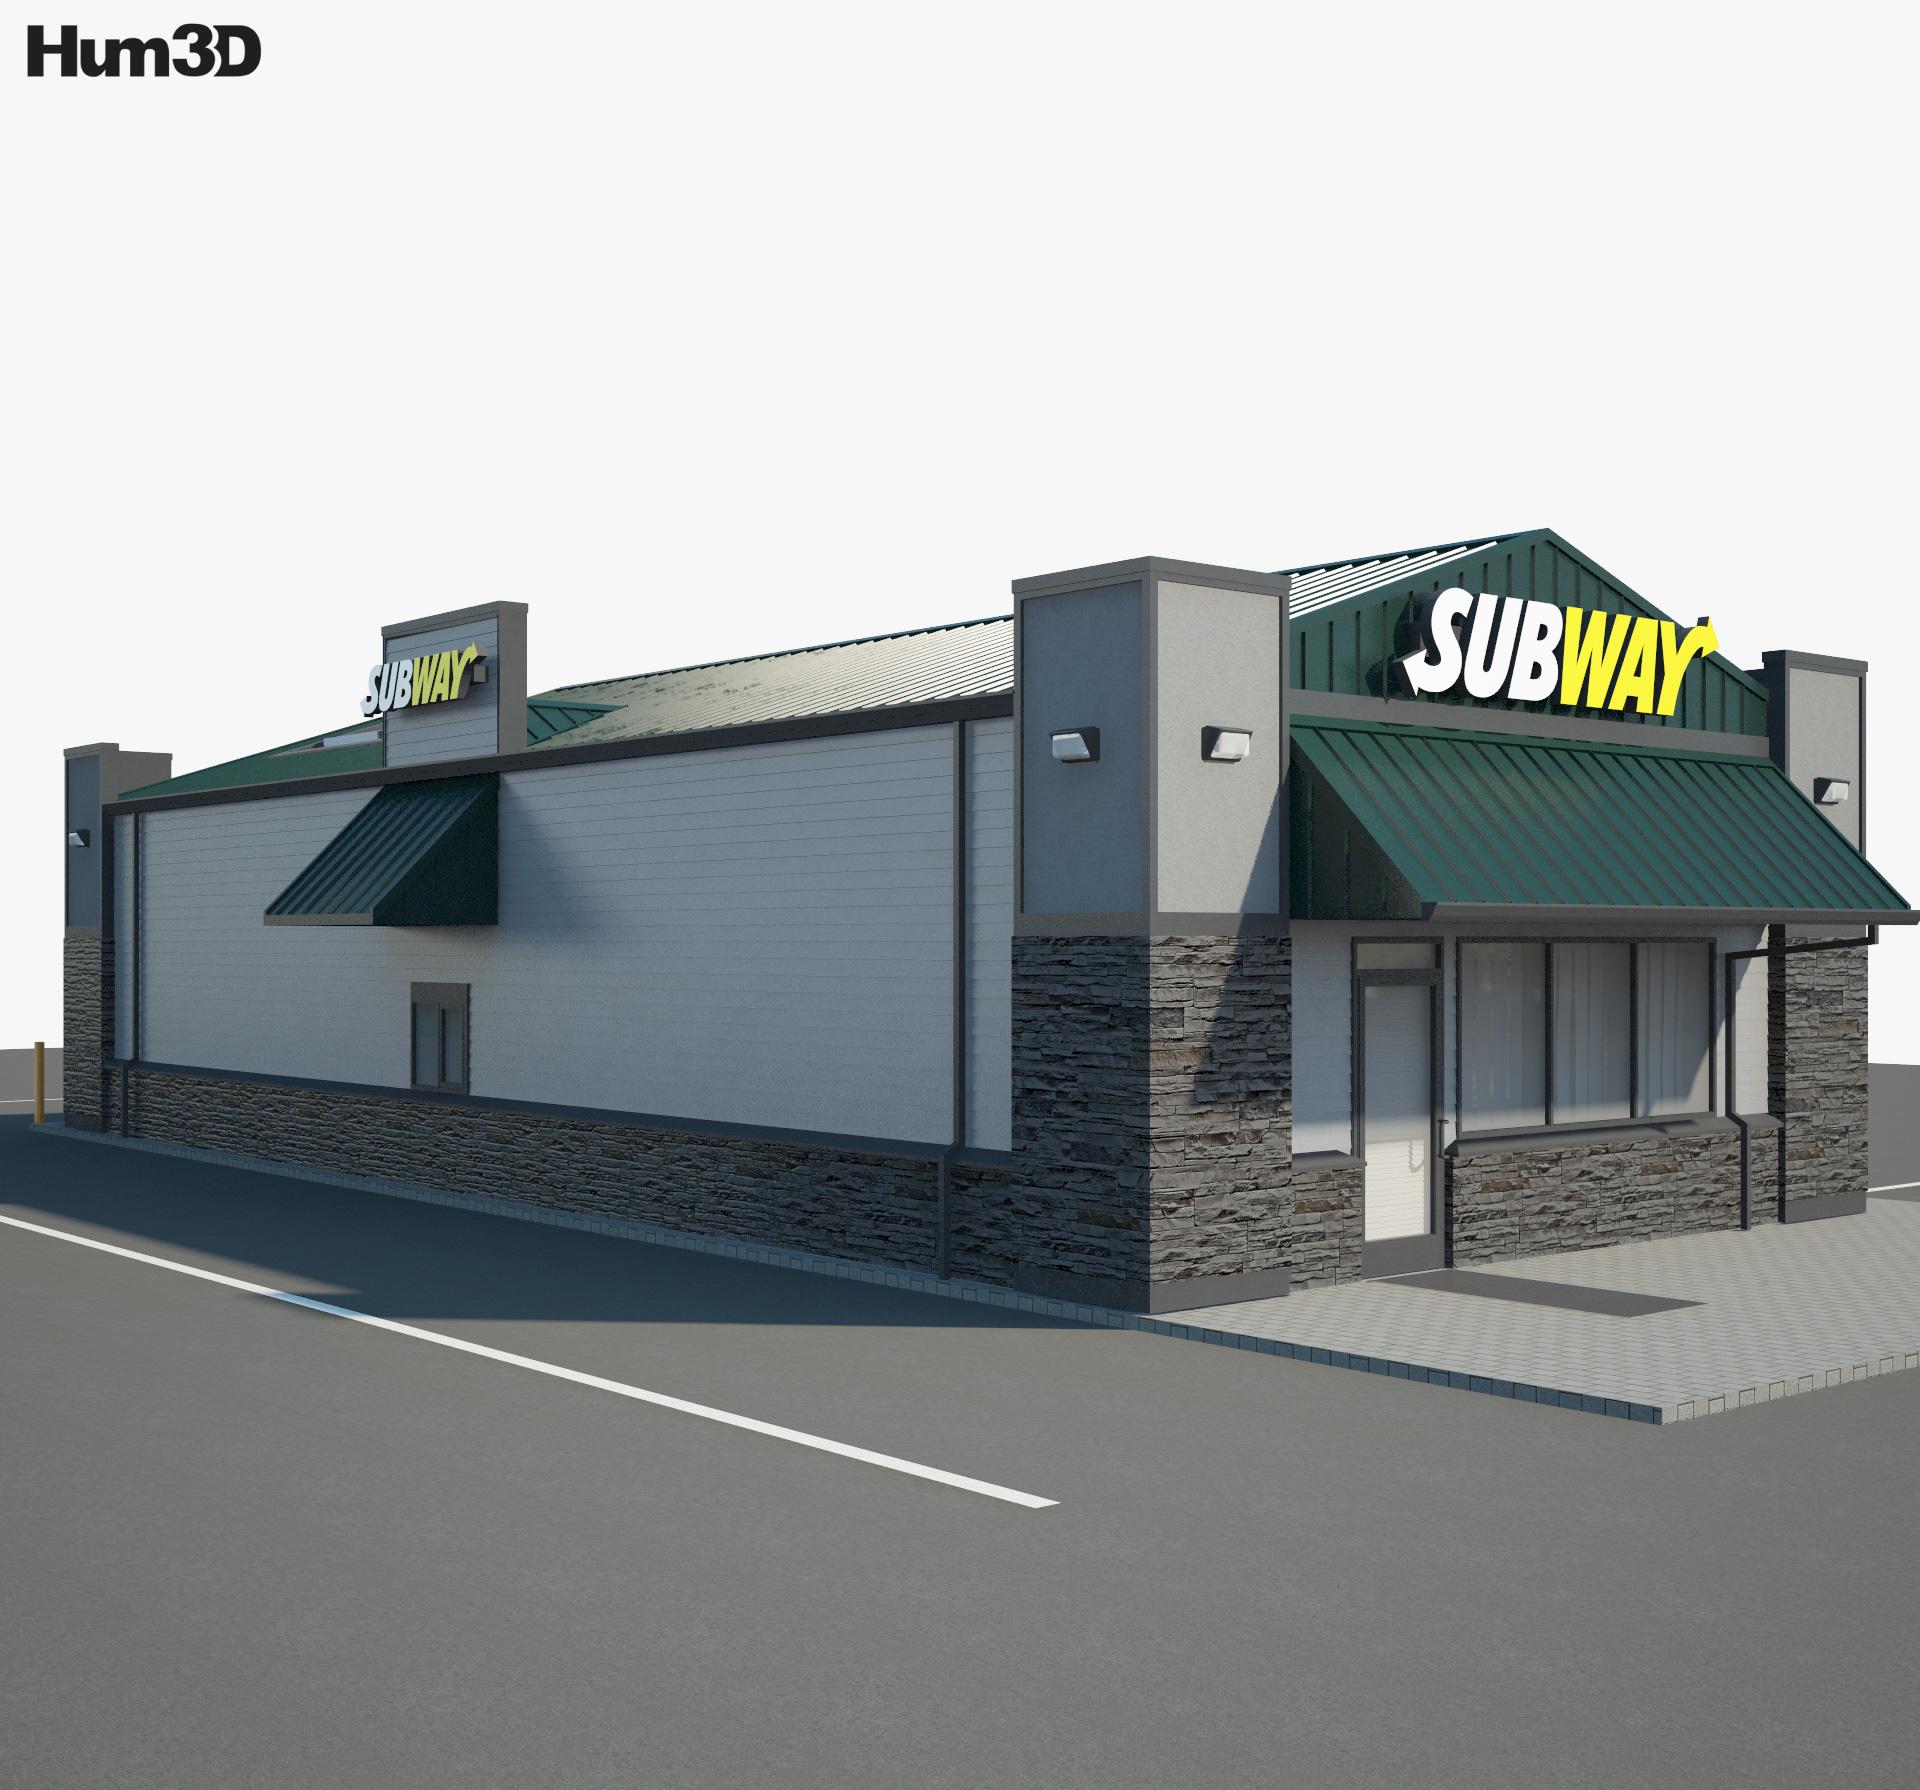 Subway Restaurant 03 3d model